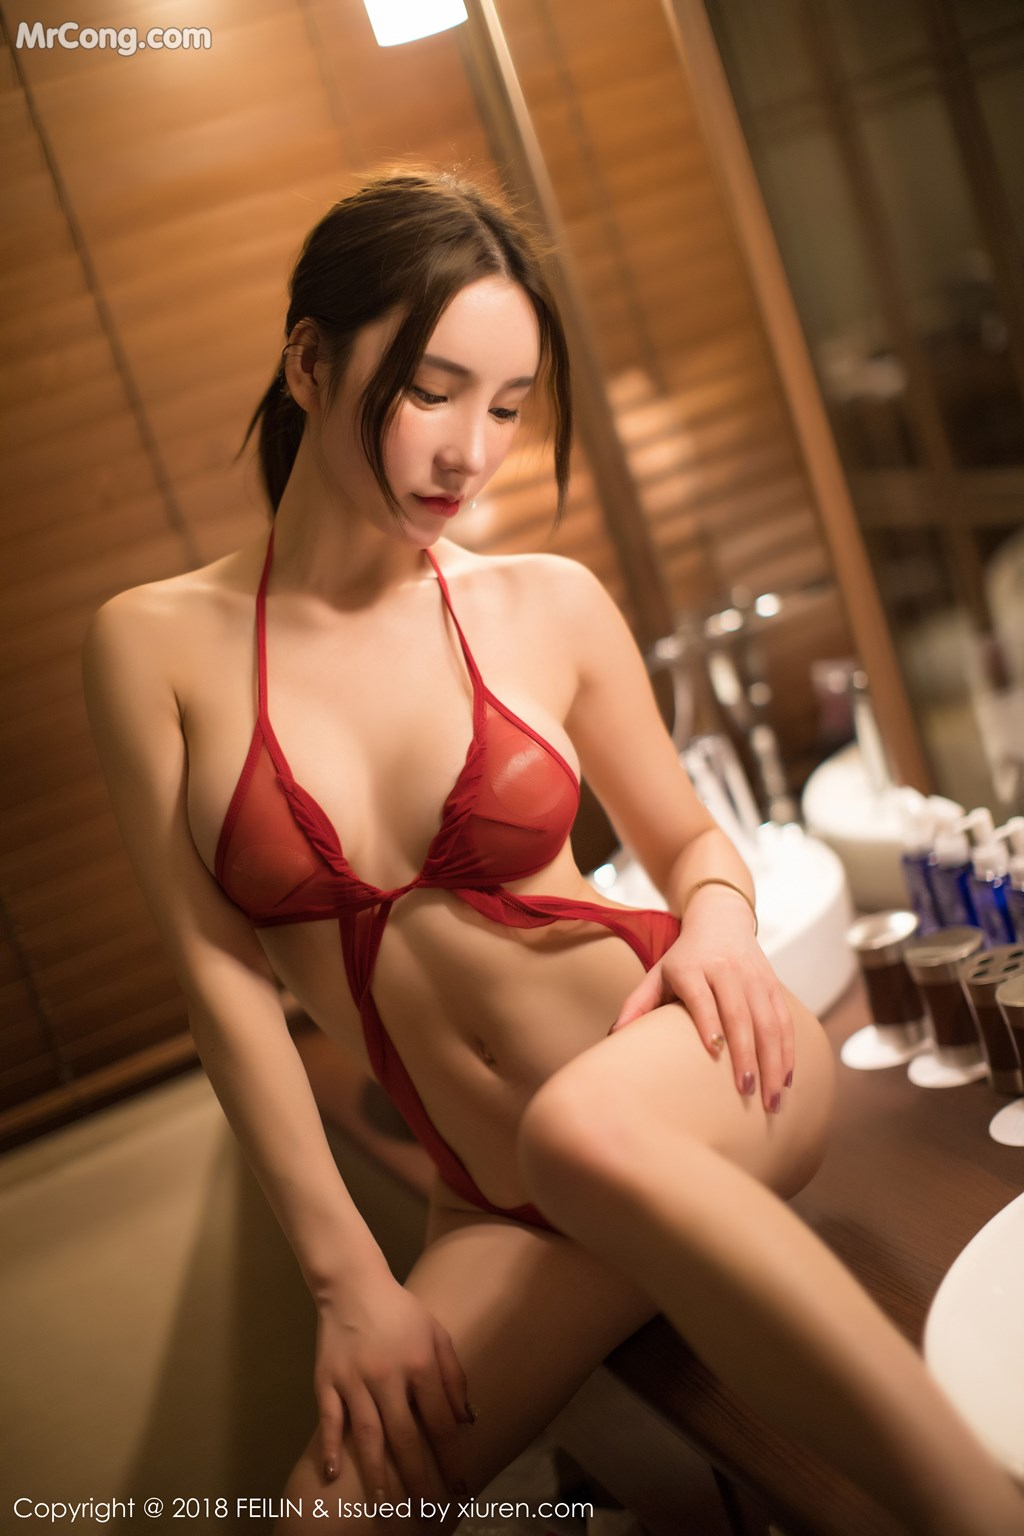 Image IMISS-Vol.238-Zhou-Yuxi-MrCong.com-005 in post IMISS Vol.238: Người mẫu Zhou Yuxi (周于希) (38 ảnh)